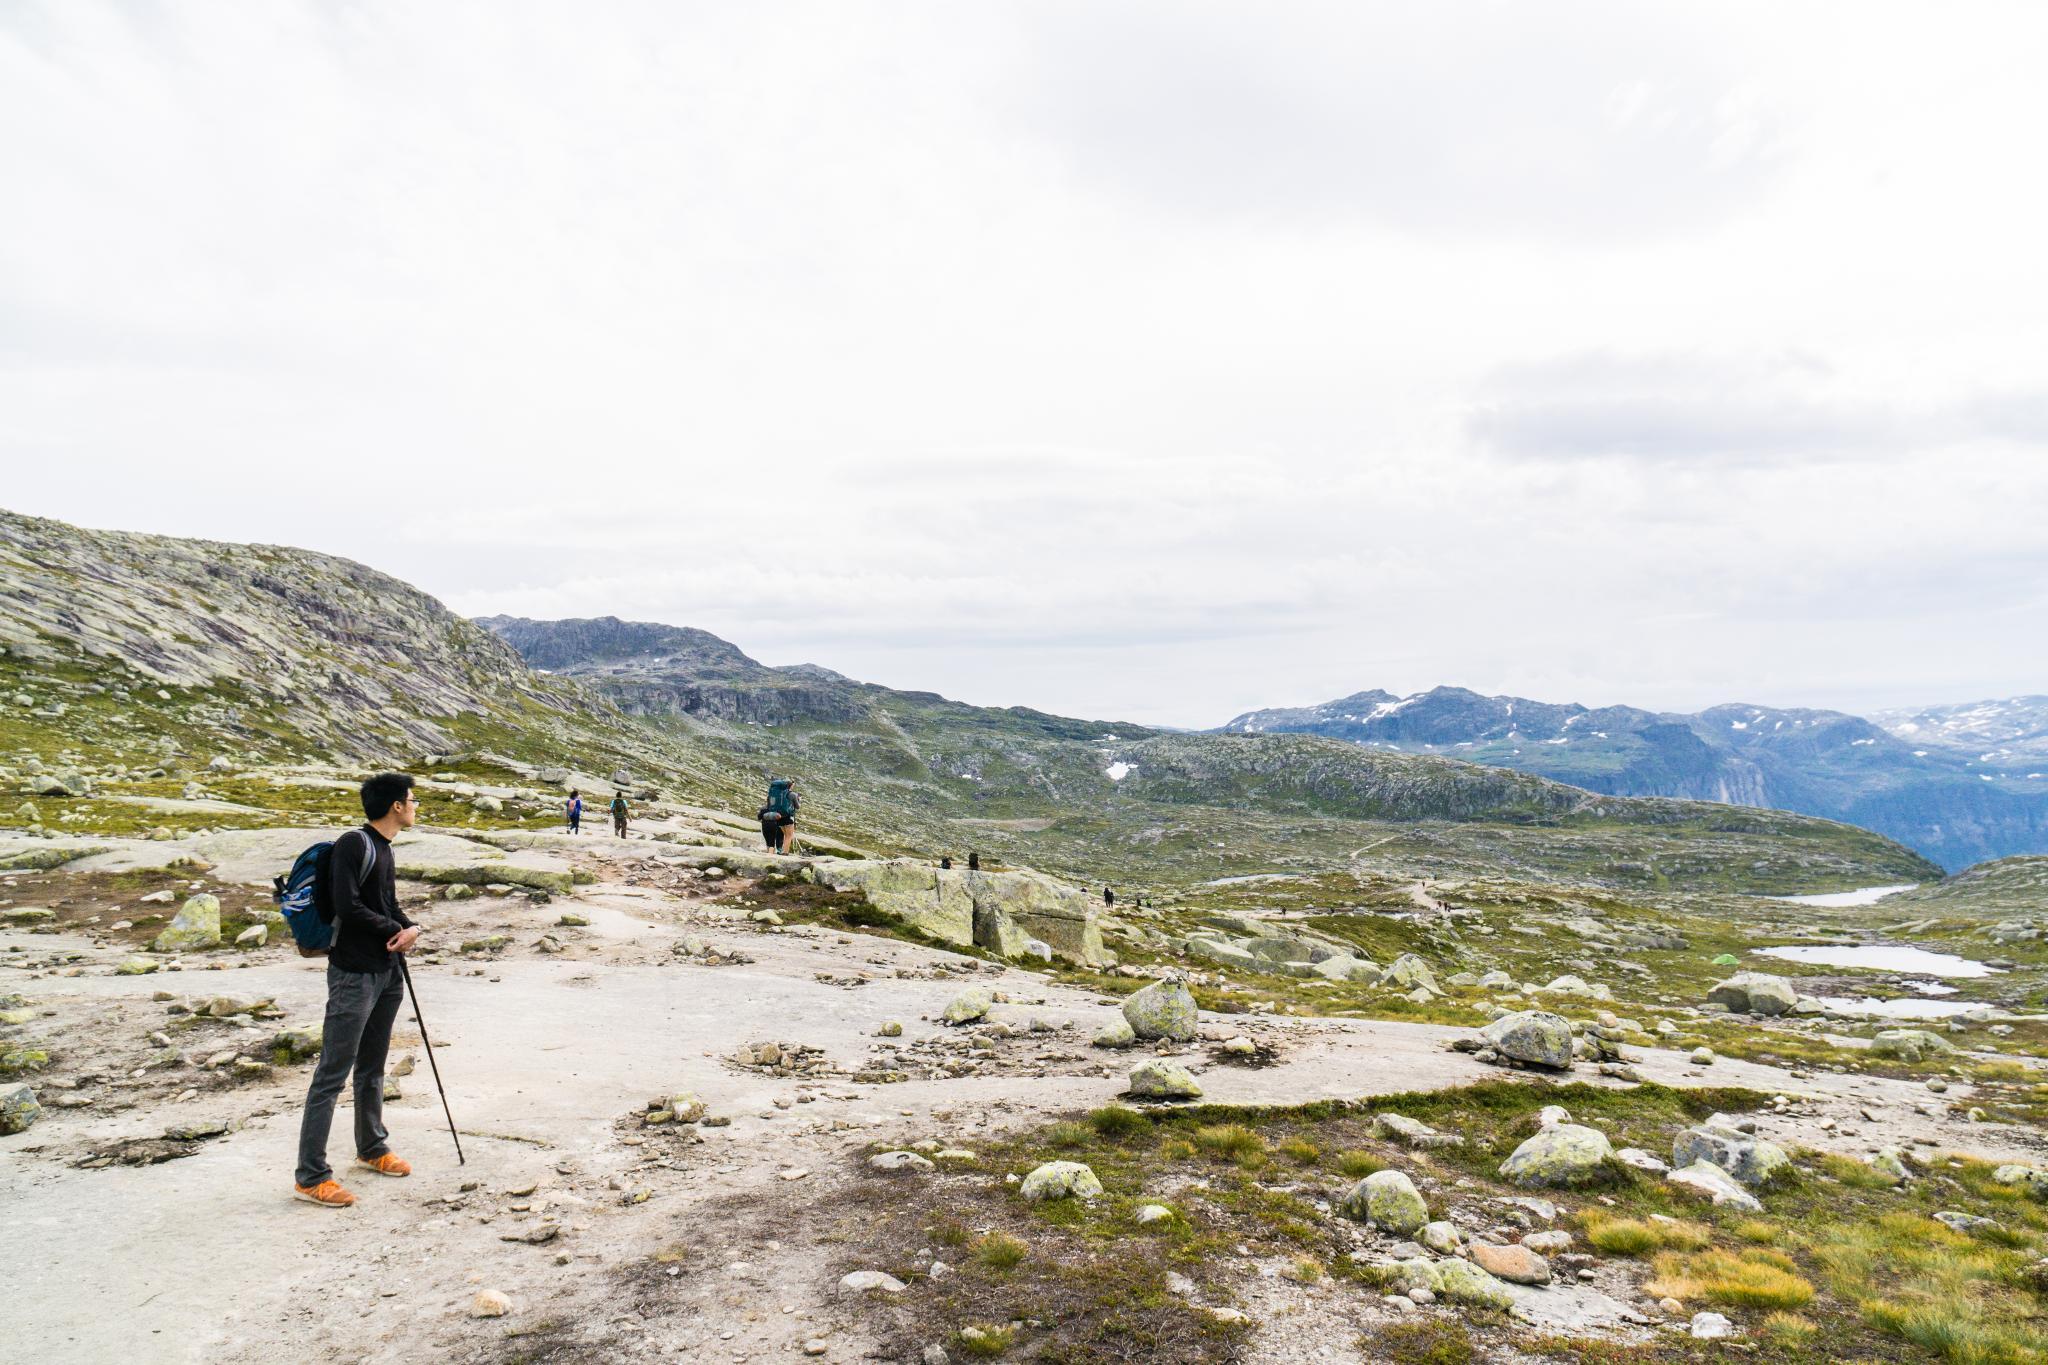 【北歐景點】挪威惡魔之舌 Trolltunga — 28公里健行挑戰全攻略 196